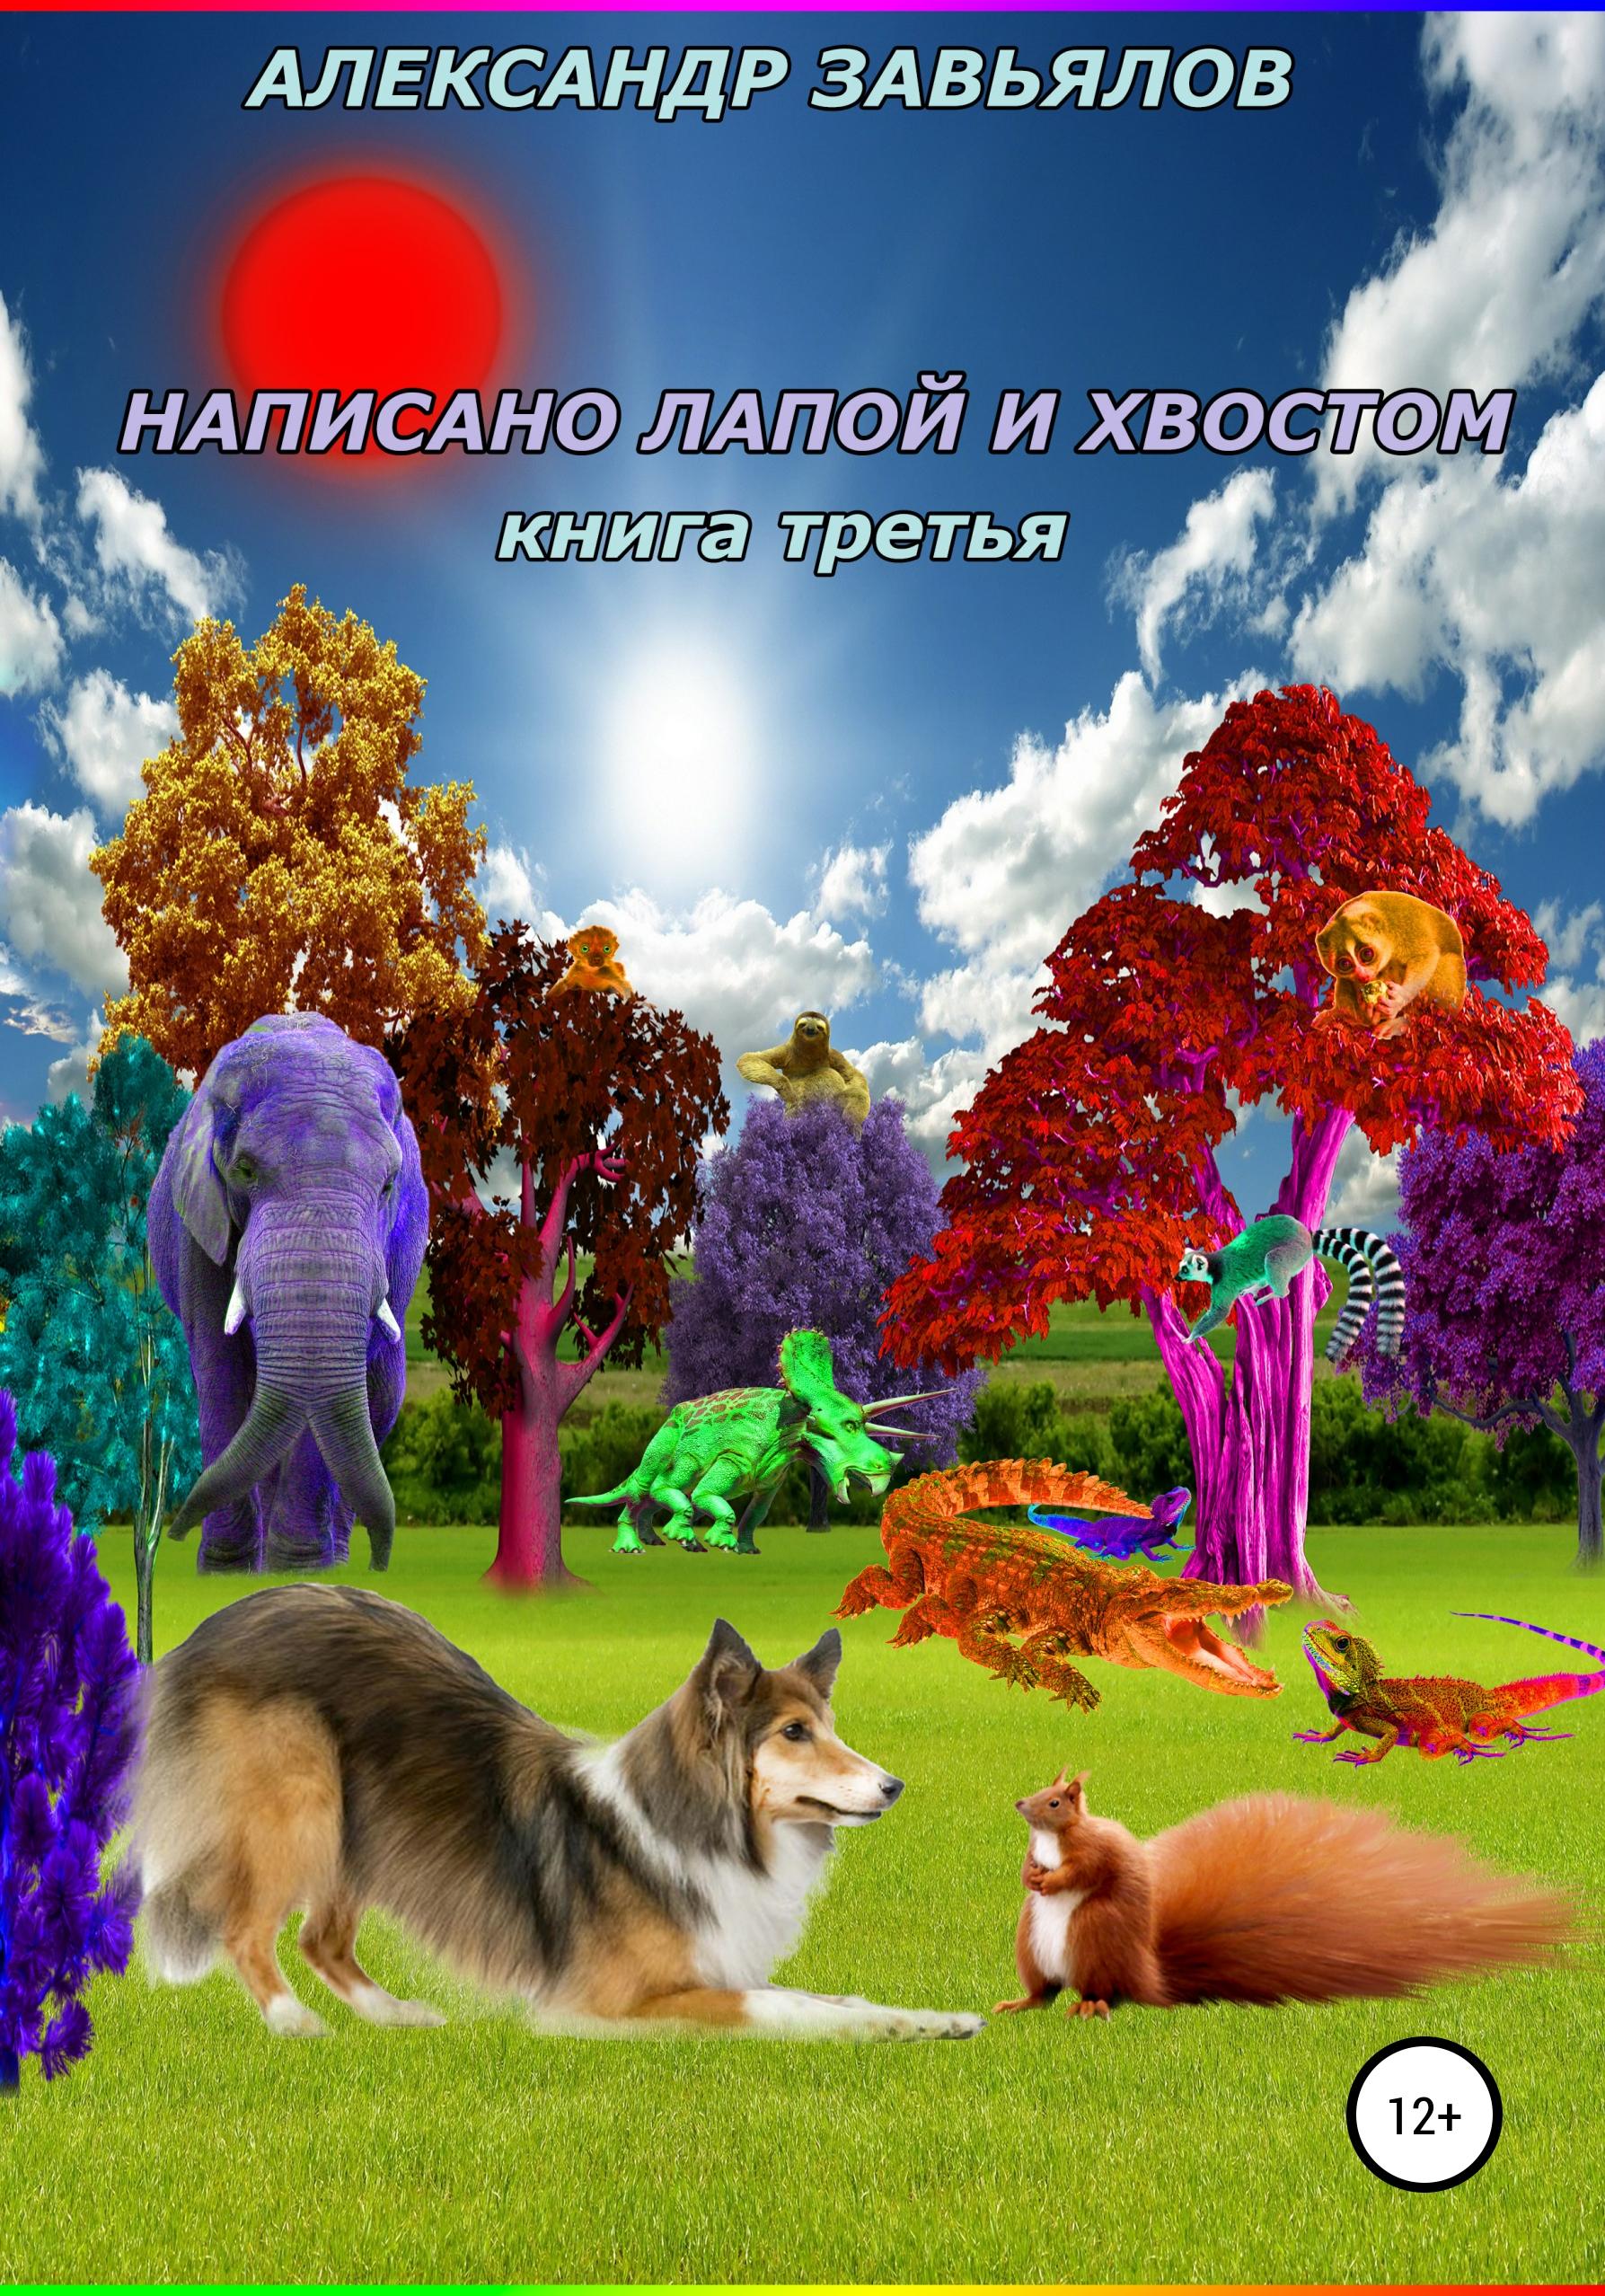 Александр Николаевич Завьялов Написано лапой и хвостом. Книга третья александр николаевич завьялов написано лапой и хвостом